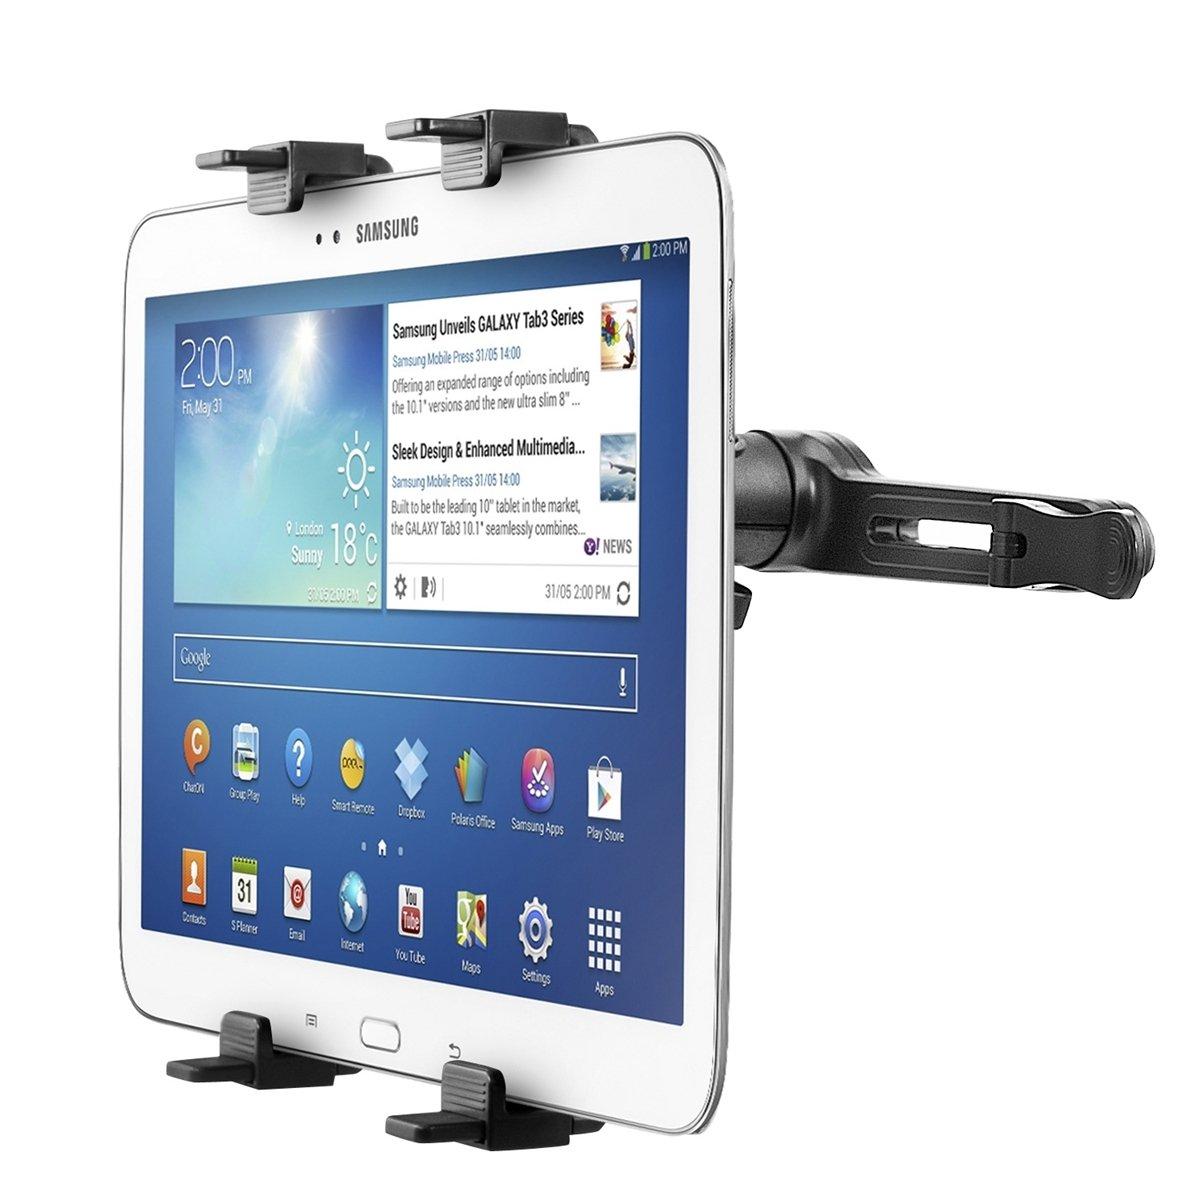 kwmobile® Soporte para el reposacabezas para Samsung Galaxy Tab 3 10.1 P5200 / P5210 / P5220.  Electrónica más noticias y comentarios